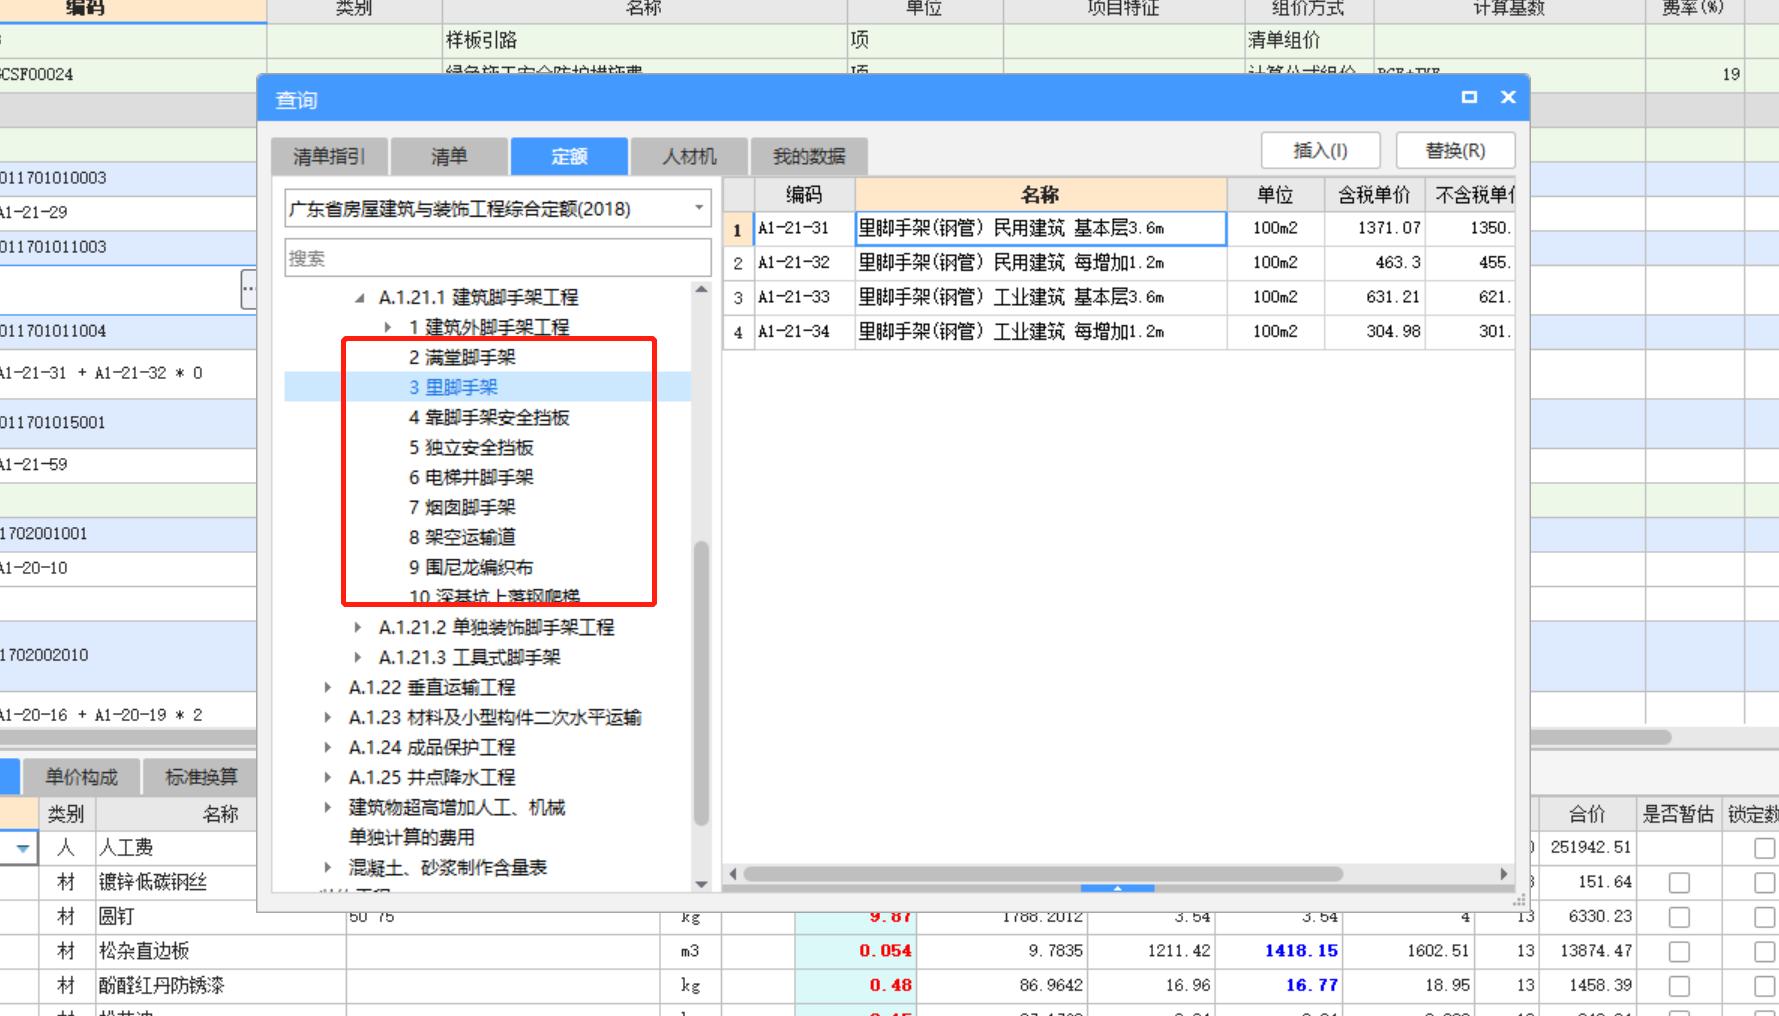 土建,土建计量GTJ,广东,计价软件GBQ4.0,计价软件GCCP,预算,答疑:请教广东定额脚手架是不是除了外脚手架,其他脚手架里面包含搭拆和使用,依据在哪里-广东土建,预算,计价软件GCCP,计价软件GBQ4.0,土建计量GTJ,